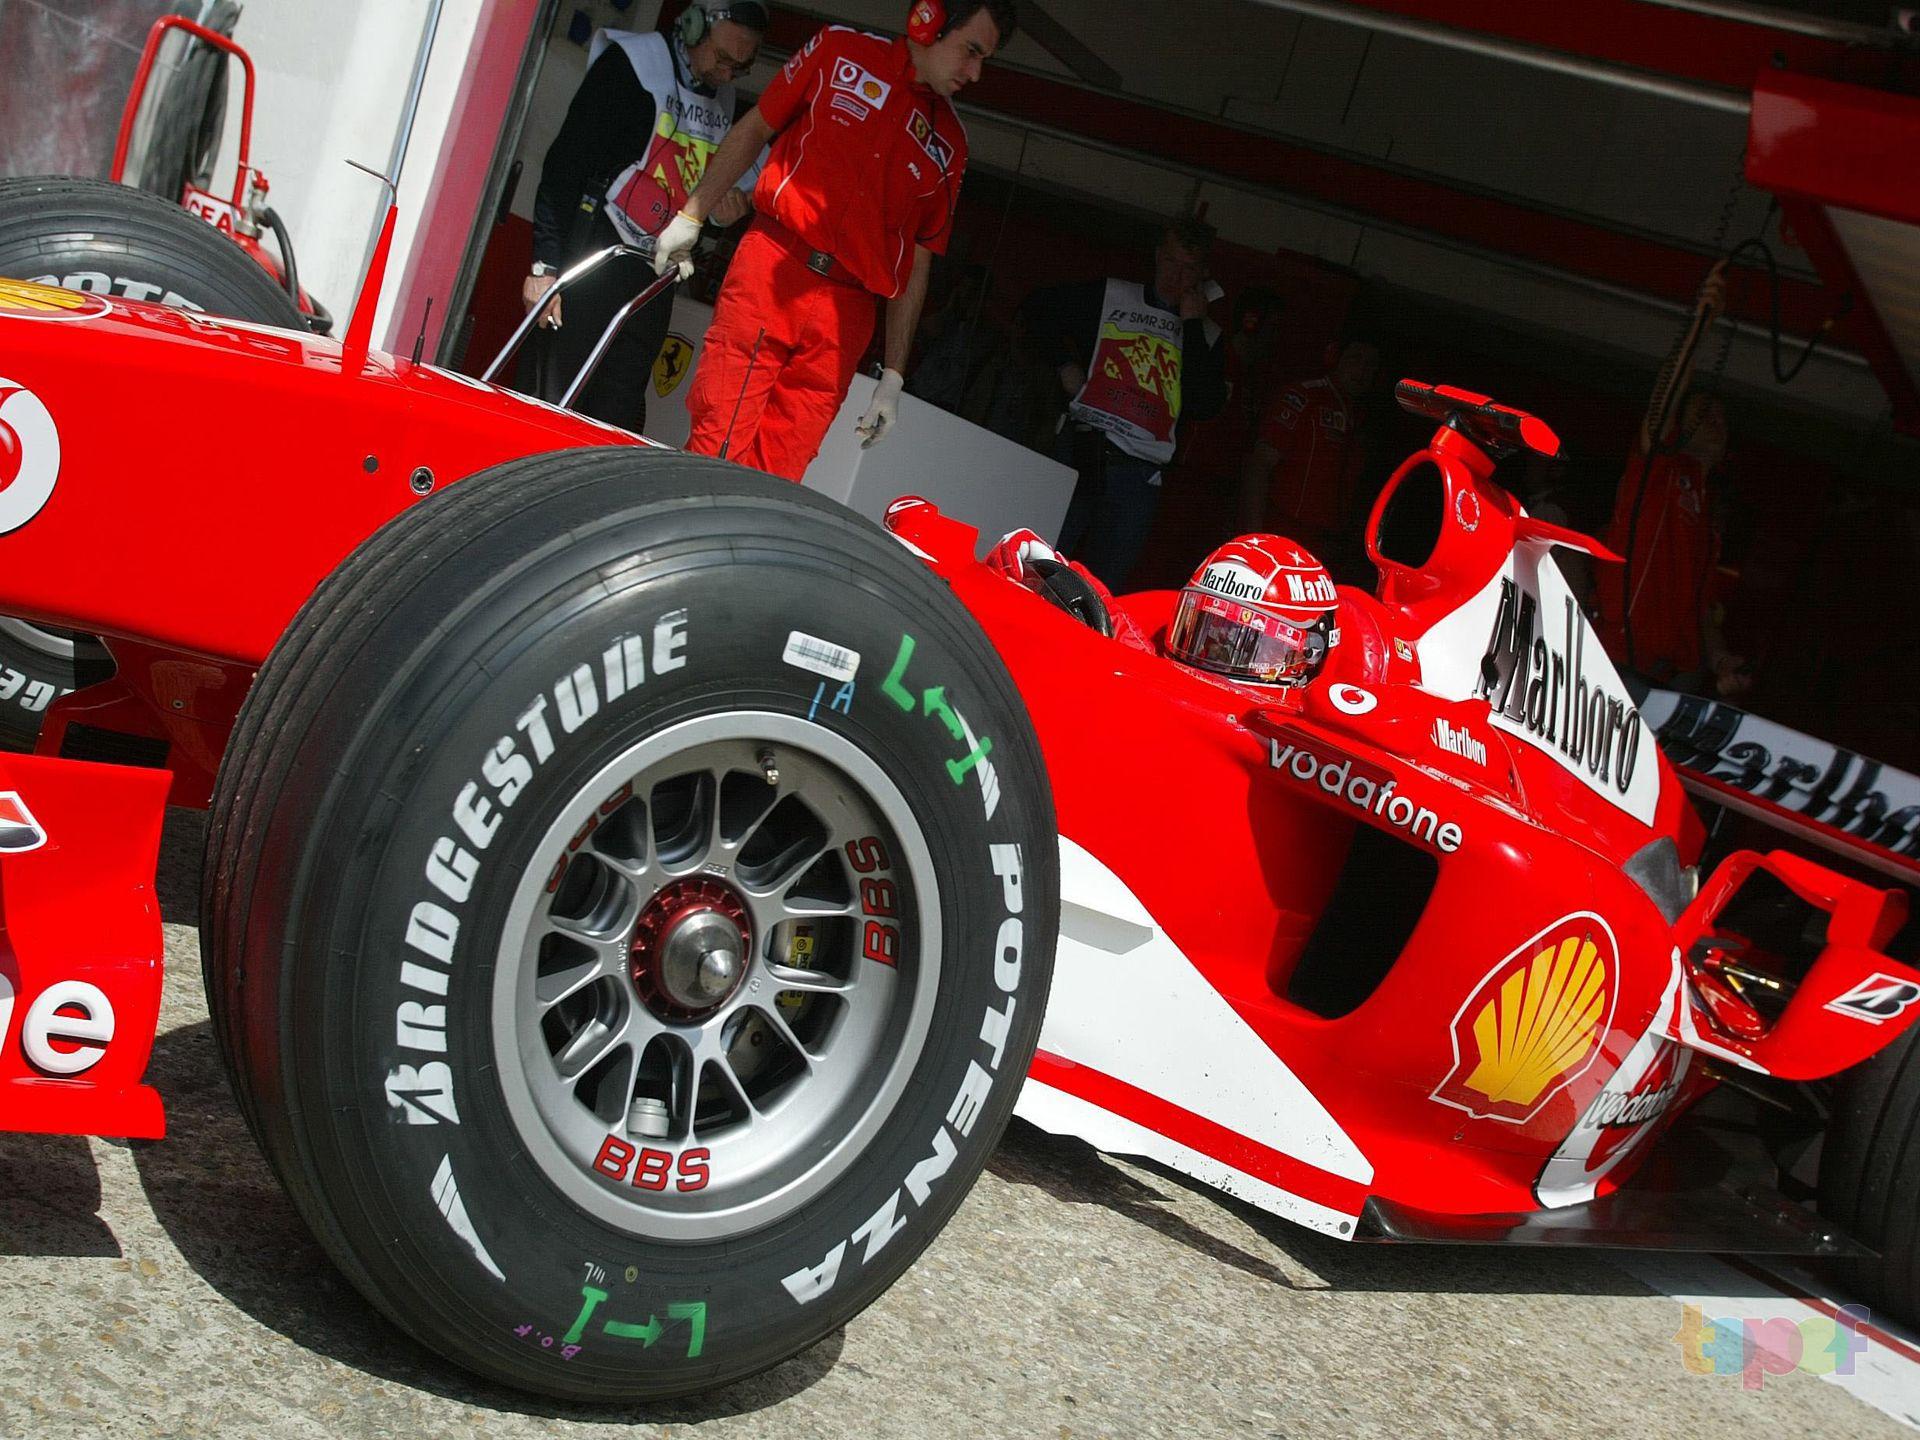 Разное от Bridgestone (Шины). Фотки с Формулы 1